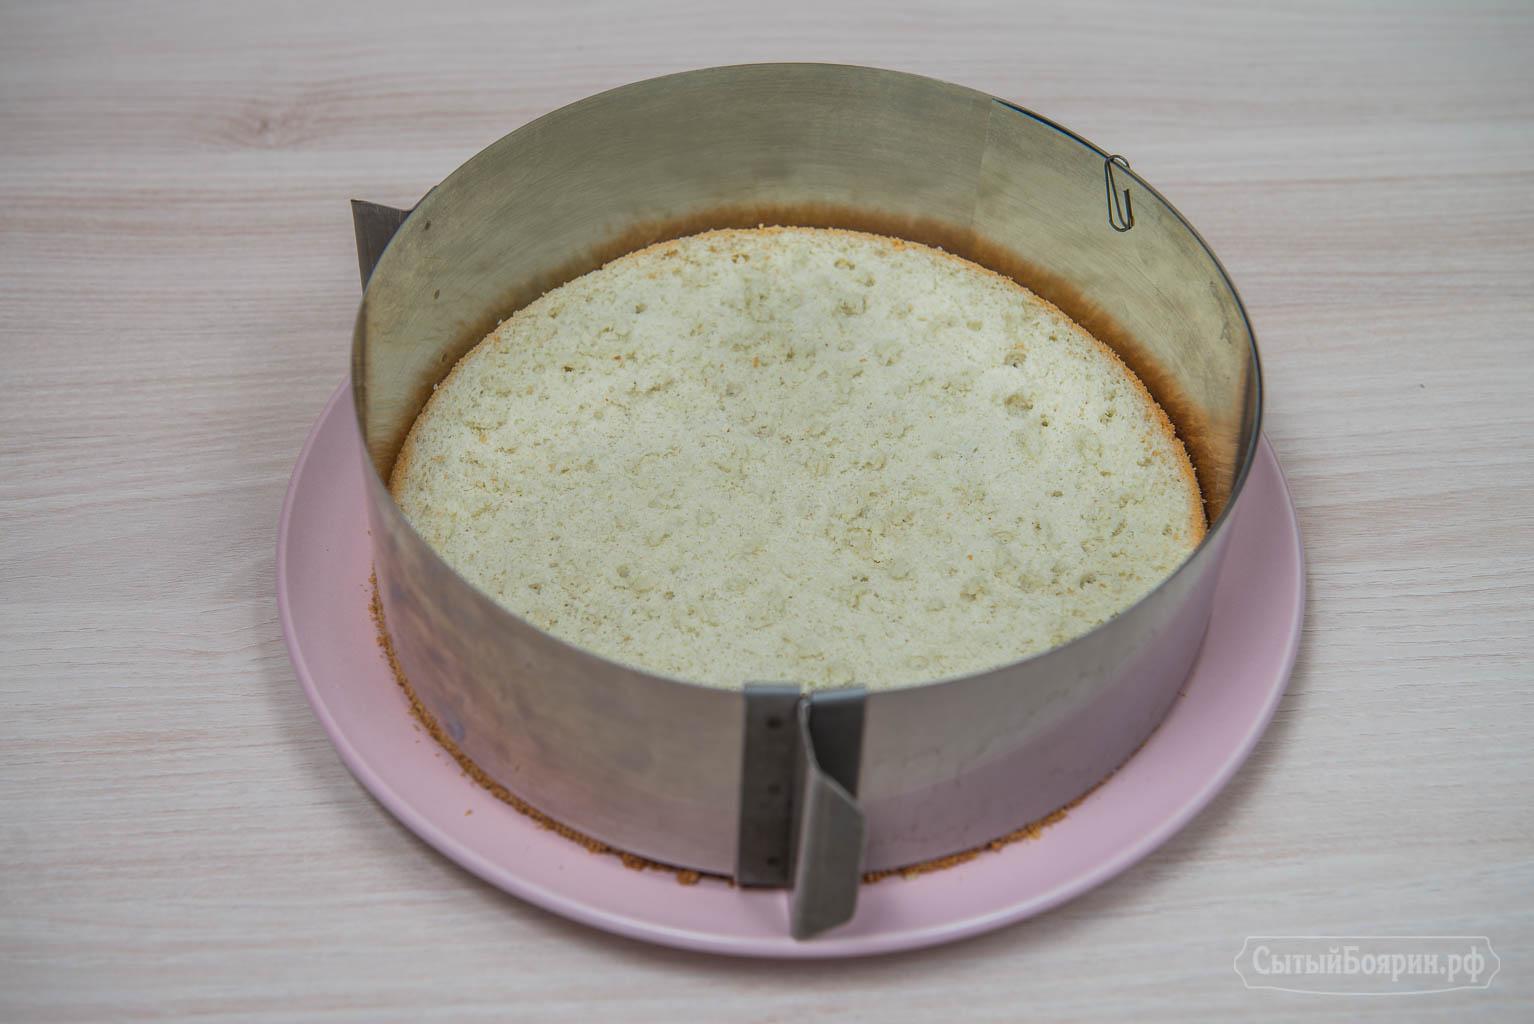 Как приготовить торт птичье молоко? Пошаговый рецепт с фото